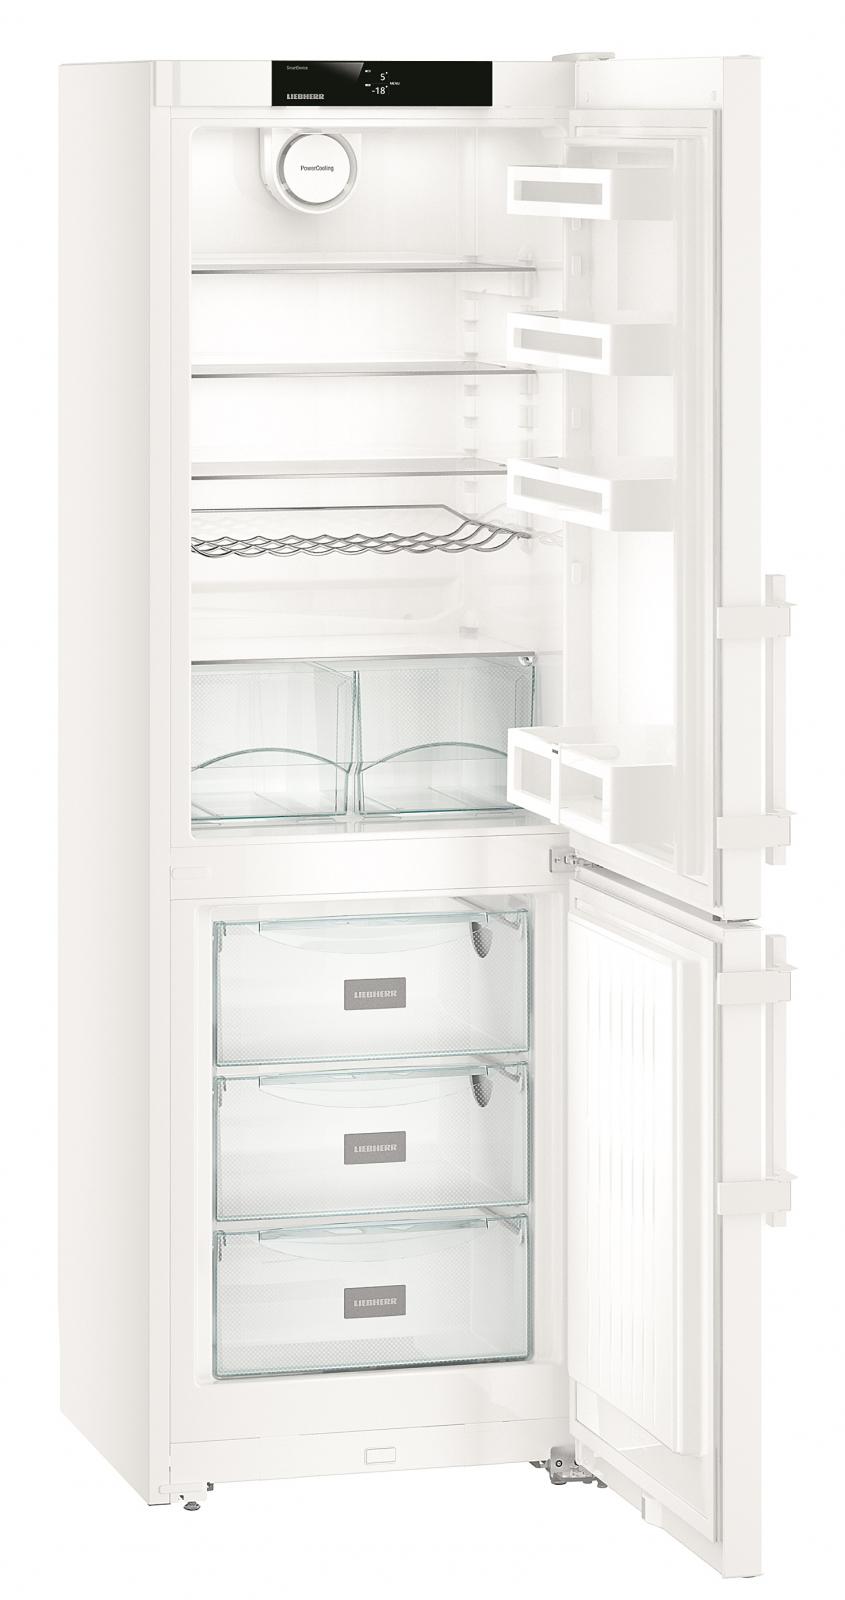 купить Двухкамерный холодильник Liebherr C 3425 Украина фото 9